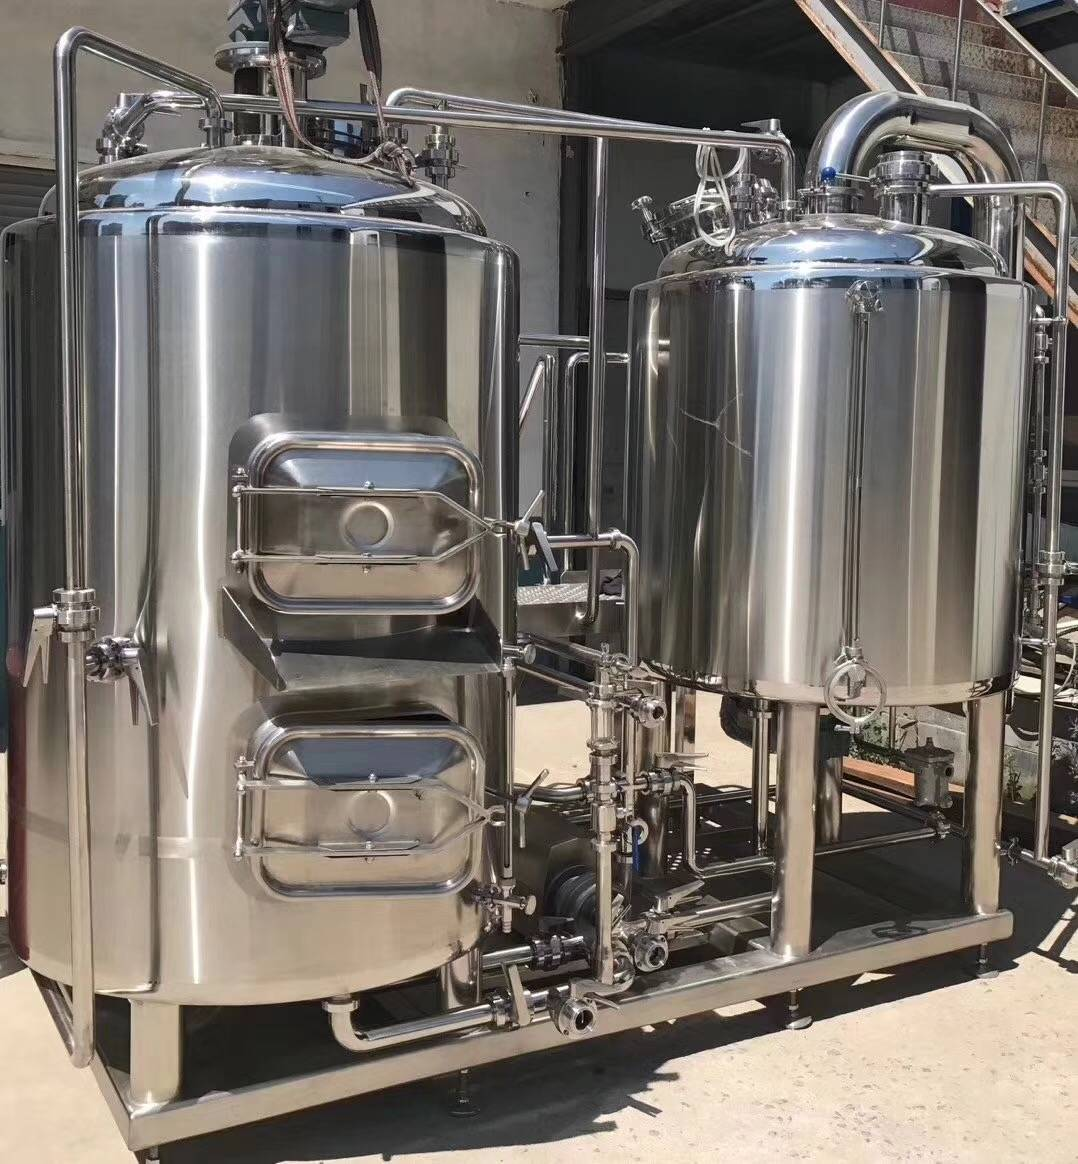 常州玫瑰金精酿啤酒设备-一套全新的精酿啤酒设备多少钱?-大麦丫-精酿啤酒连锁超市,工厂店平价酒吧免费加盟